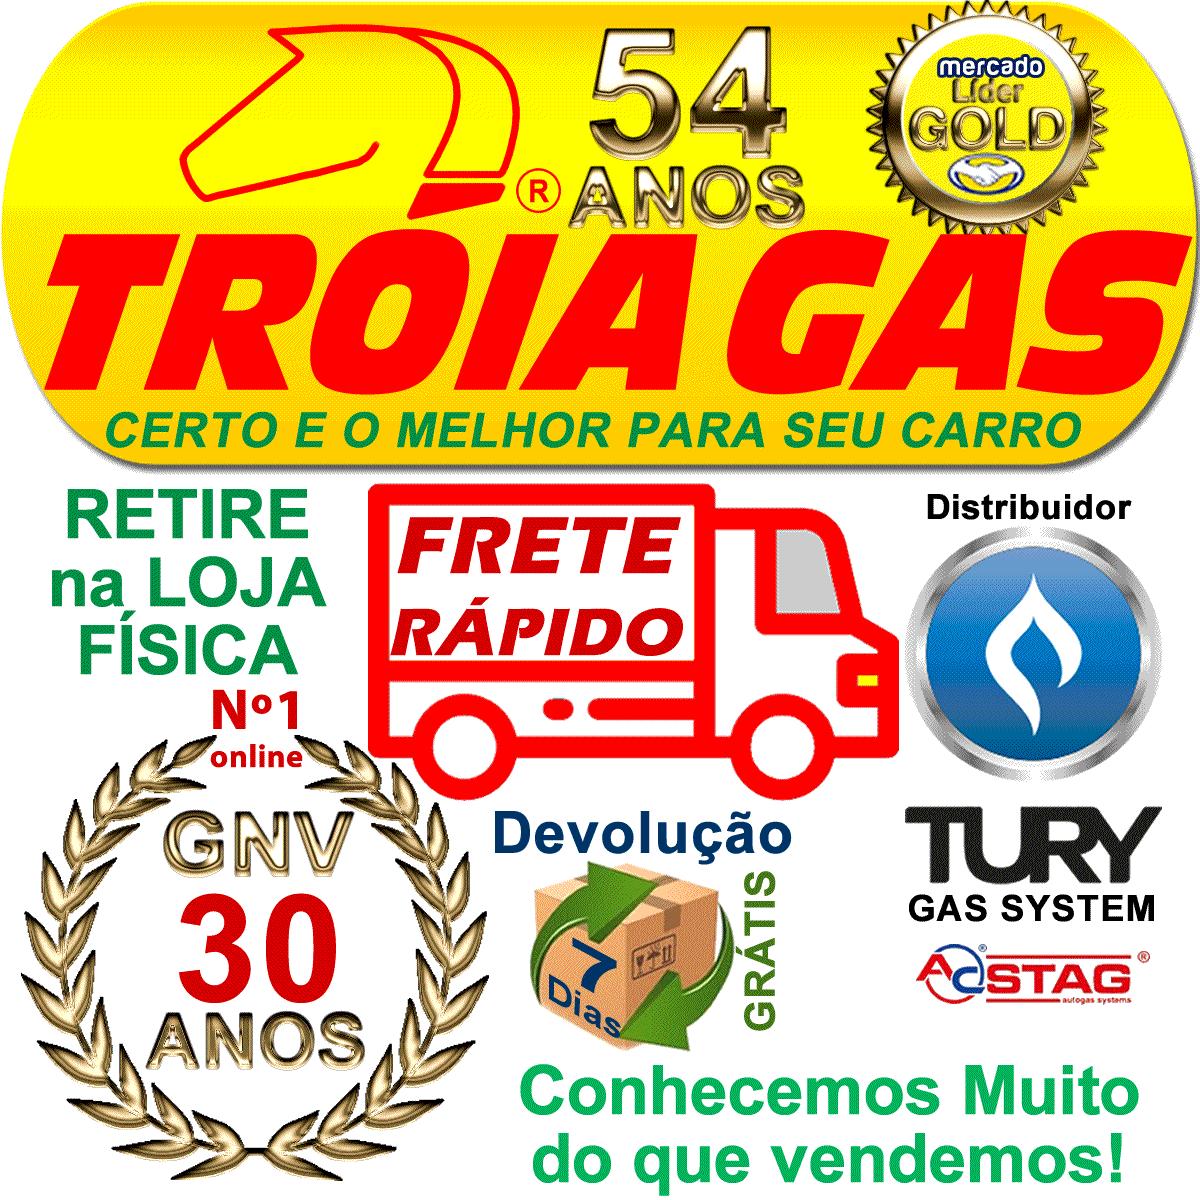 Kit 4ª Geração TURY GAS Lovato com Variador Válvulas e Minuterias